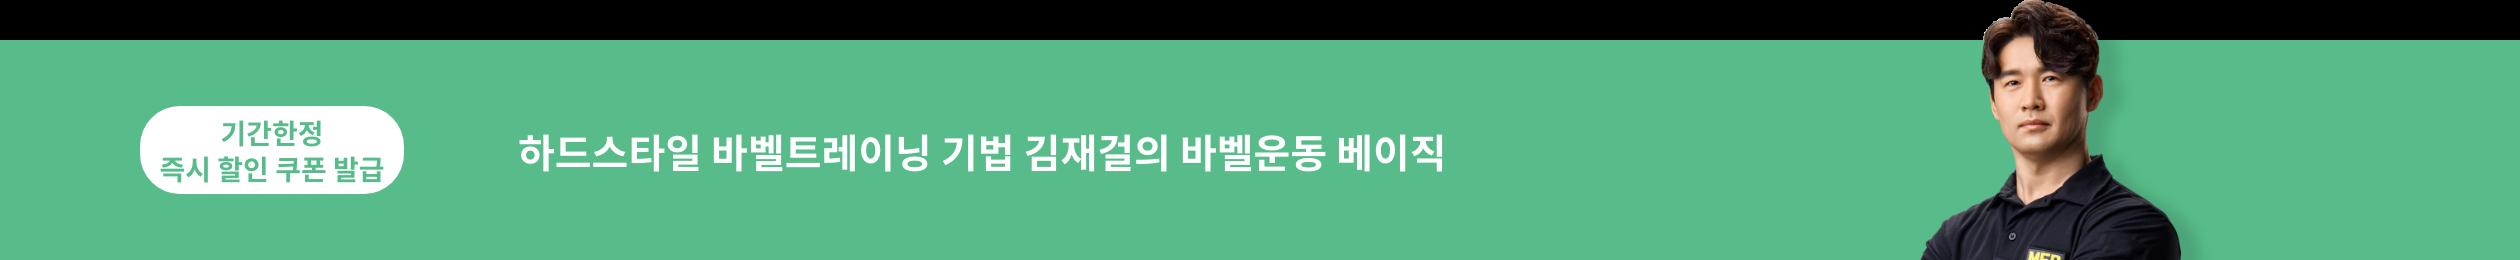 김재걸의 바벨 운동 베이직